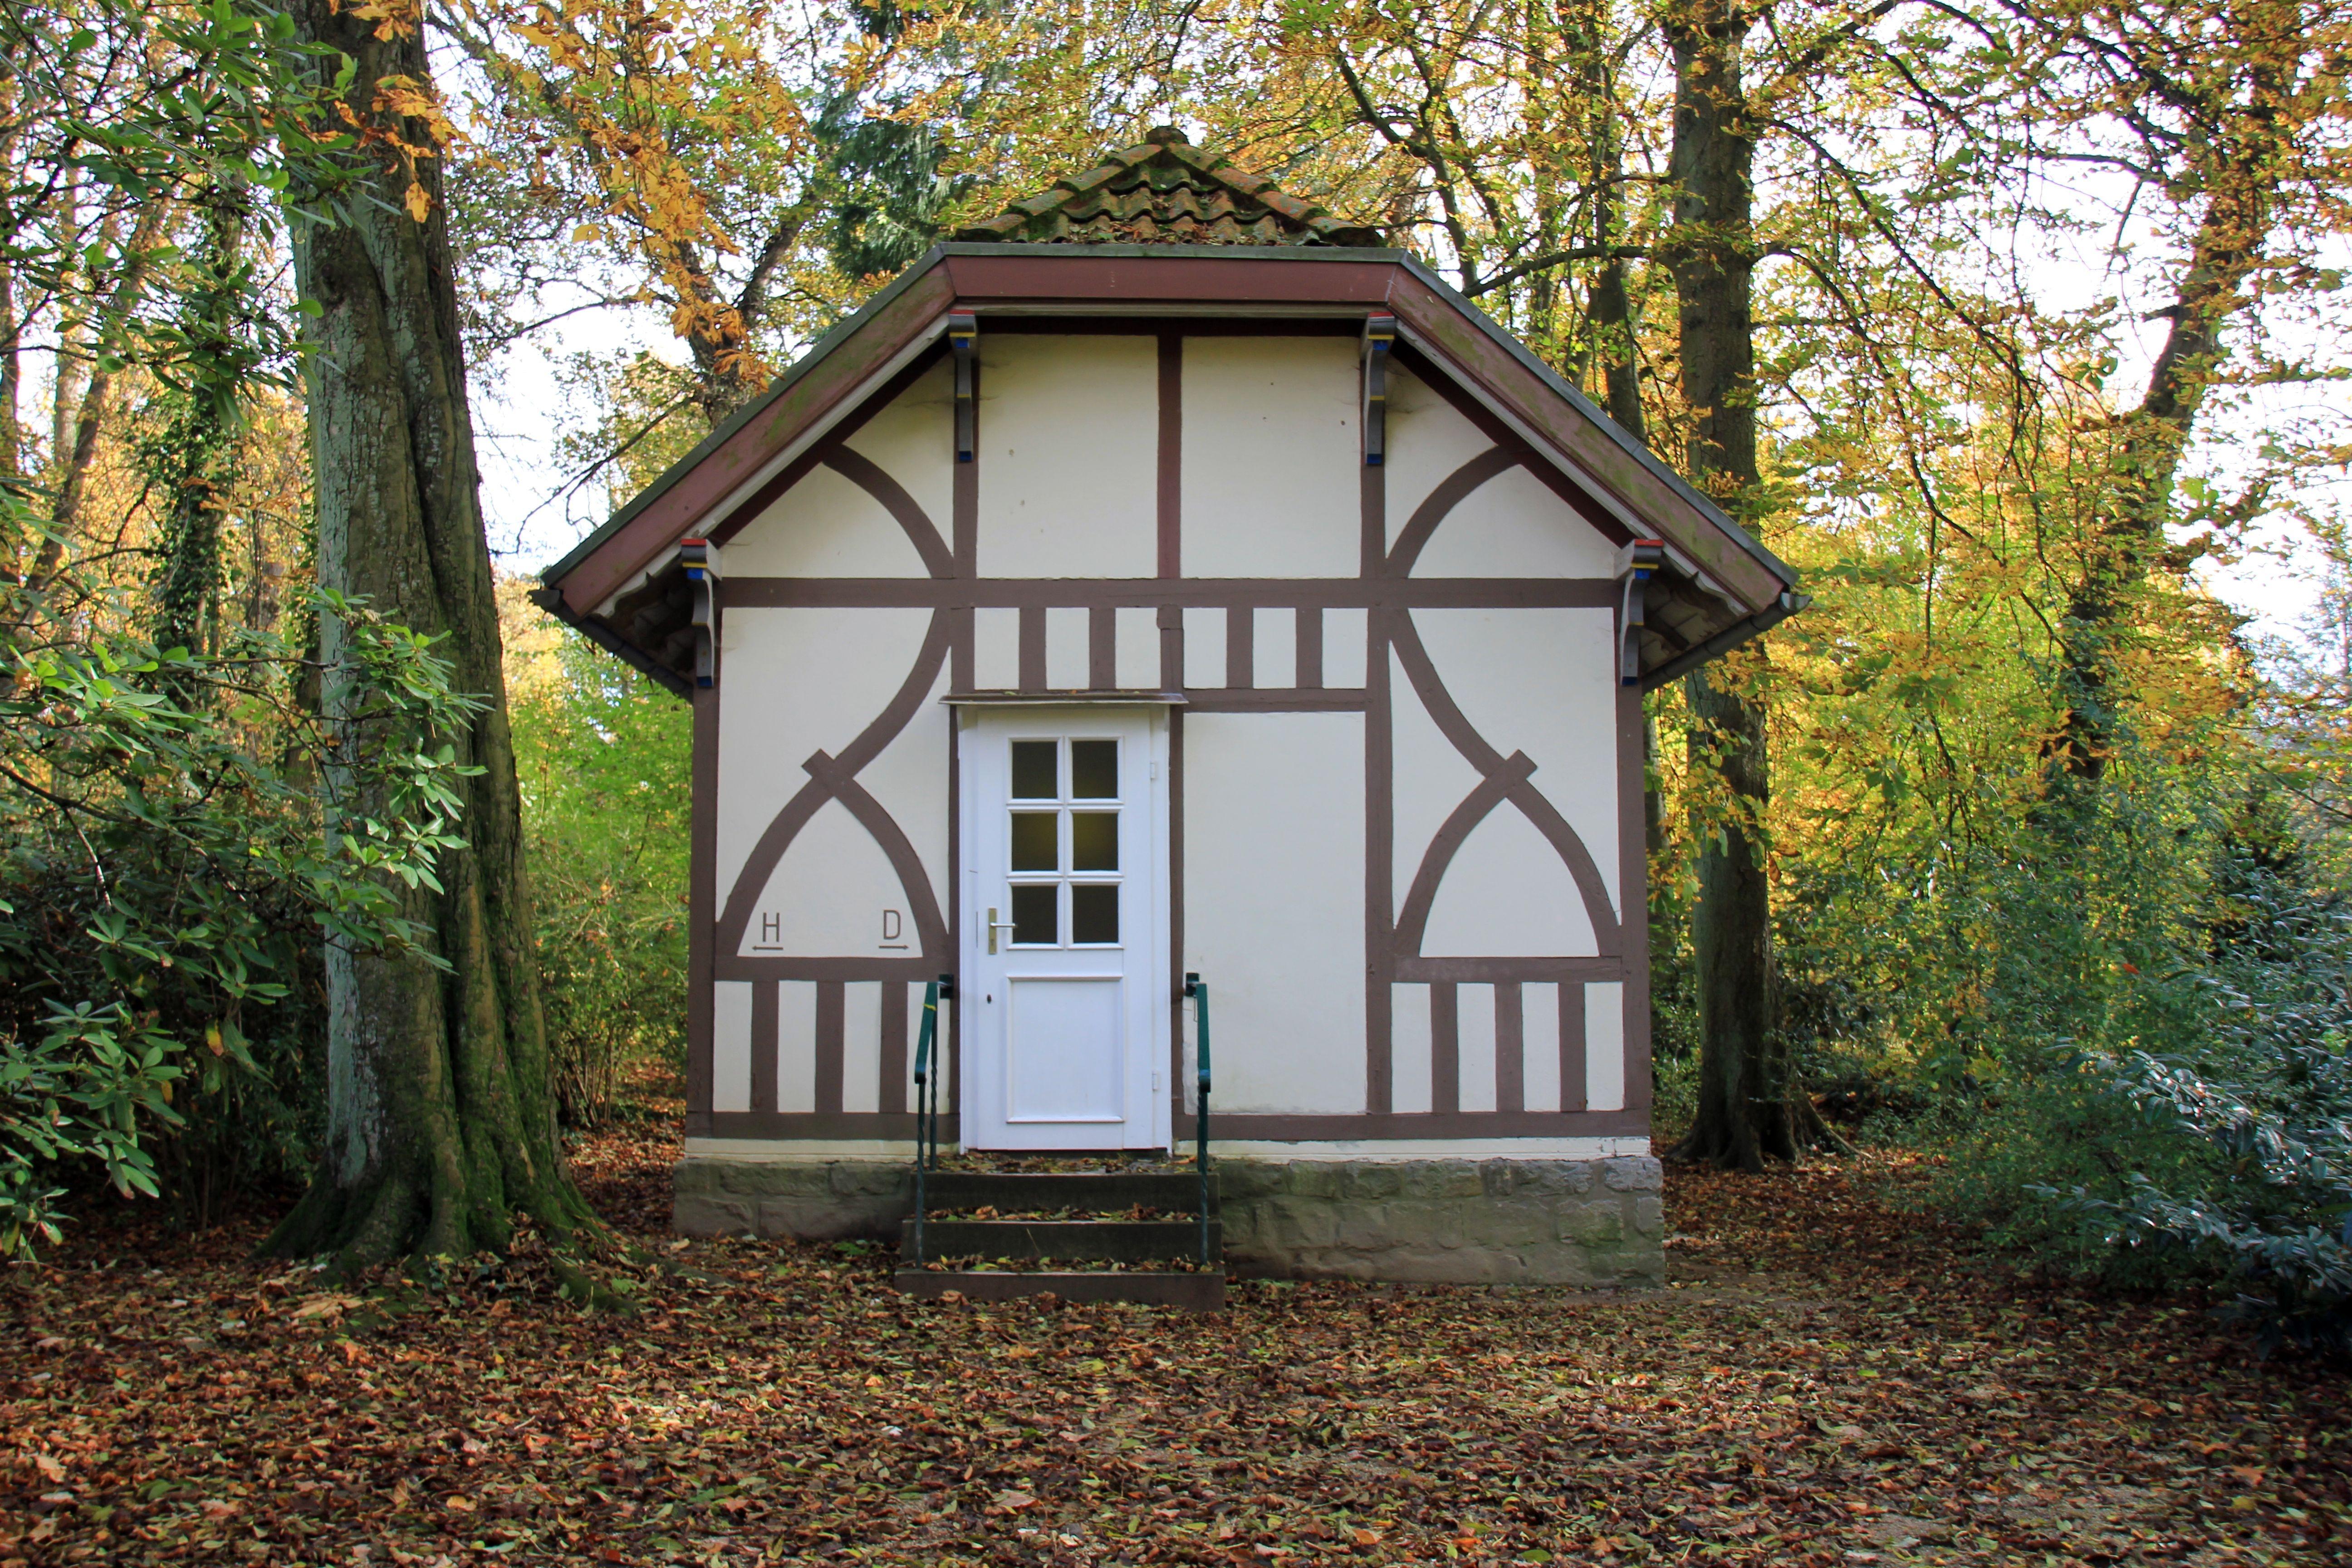 Fotos gratis edificio cobertizo choza oto o parque patio interior propiedad ba o - Ley propiedad horizontal patio interior ...